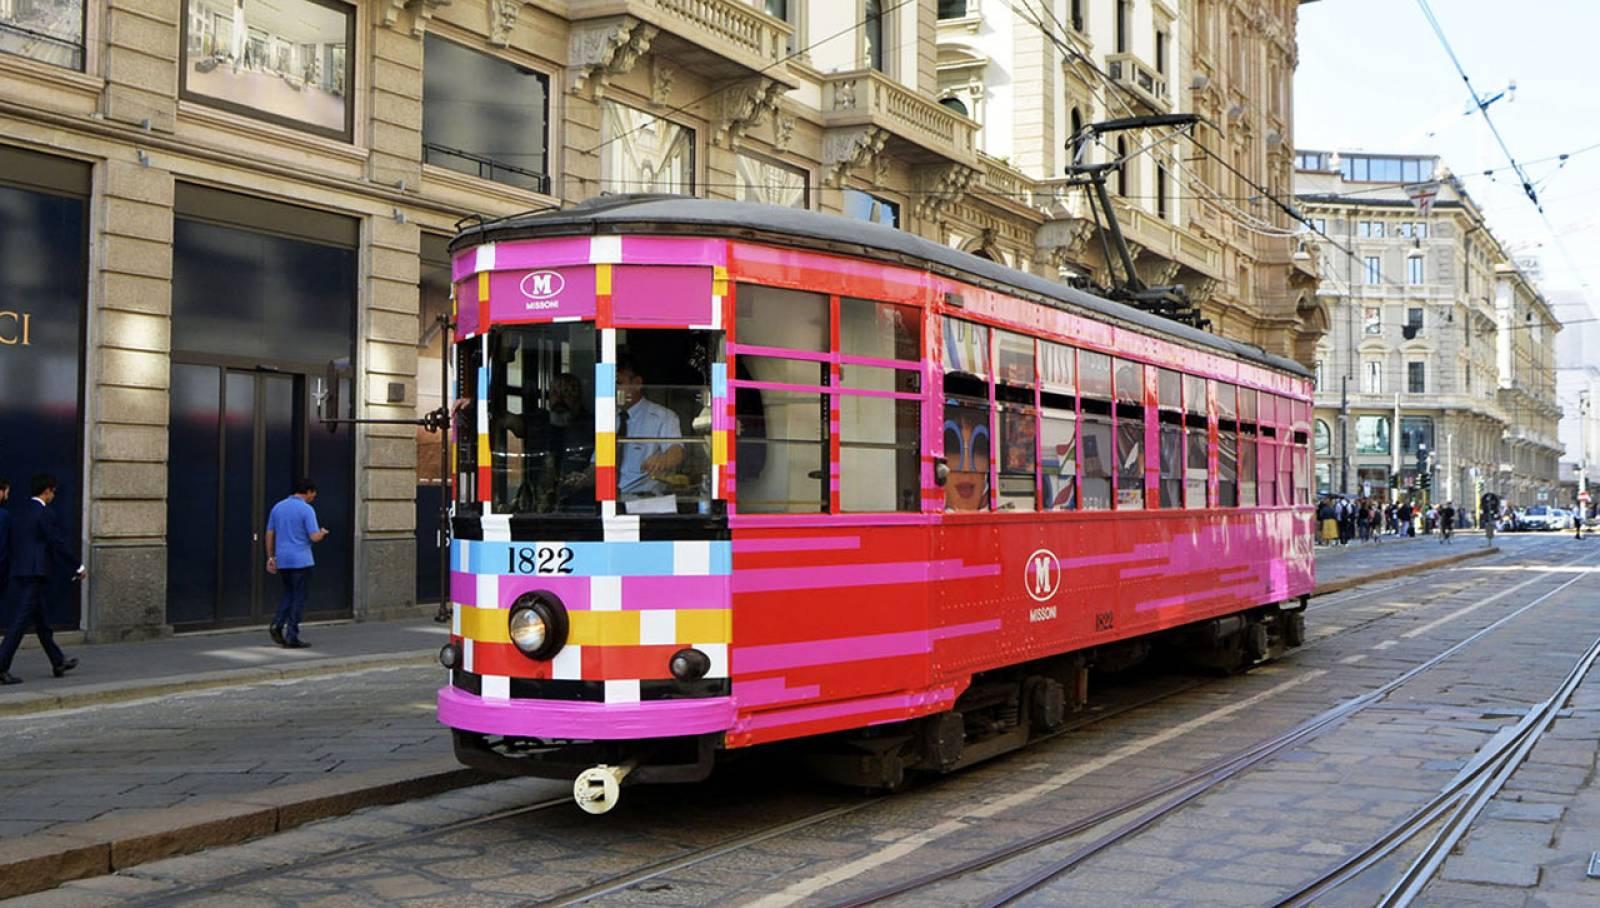 Comunicazione esterna a Milano IGPDecaux tram decorato per M Missoni